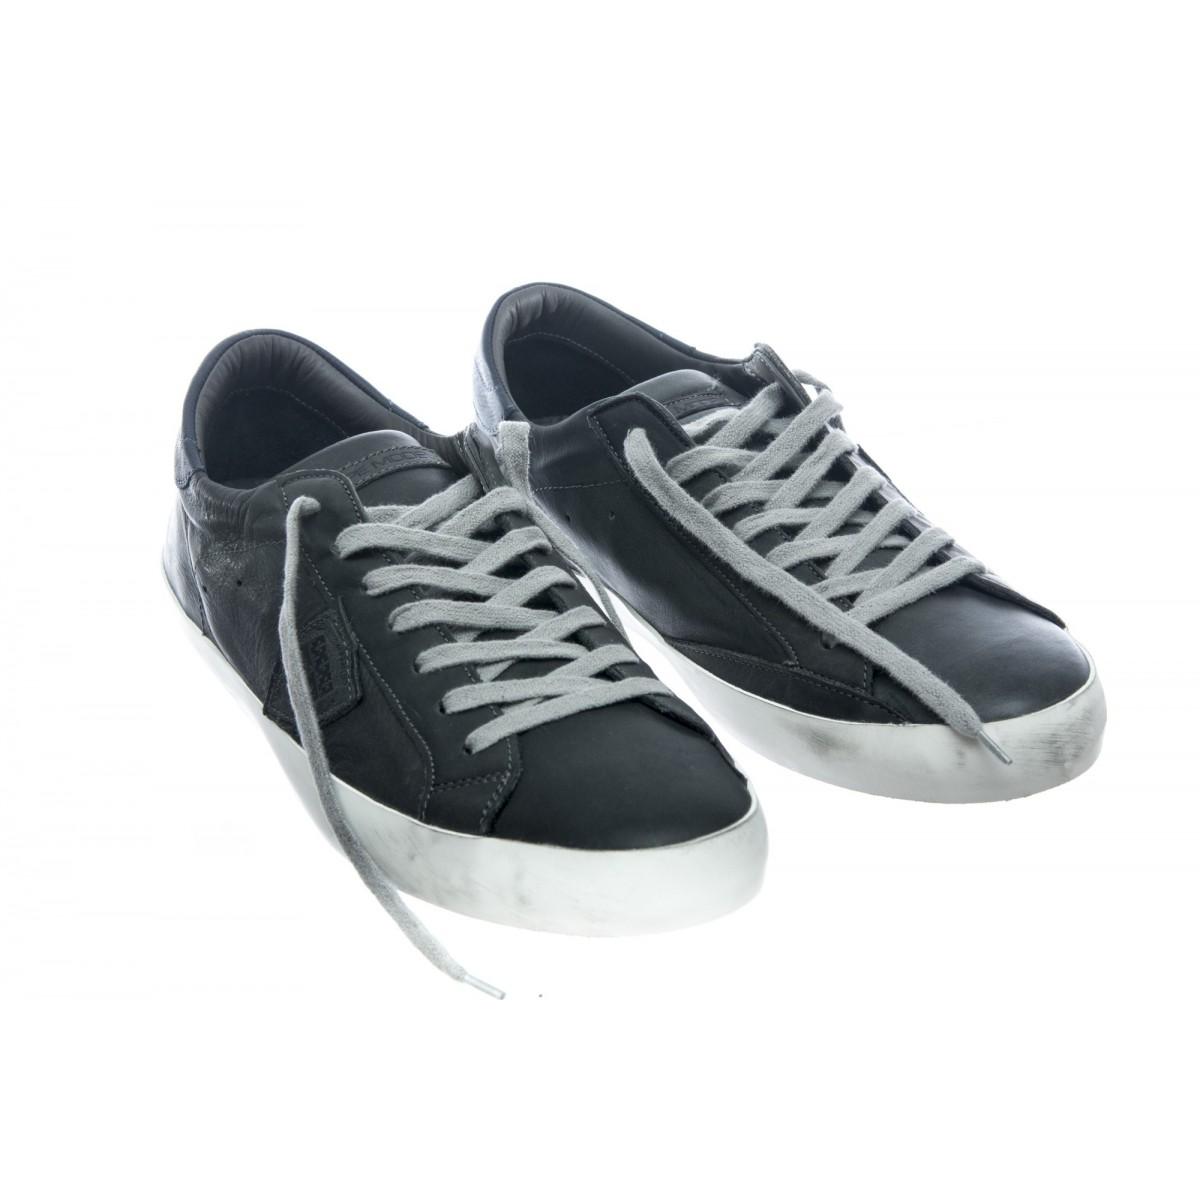 Scarpa - Cllu vt22 paris gris/blue